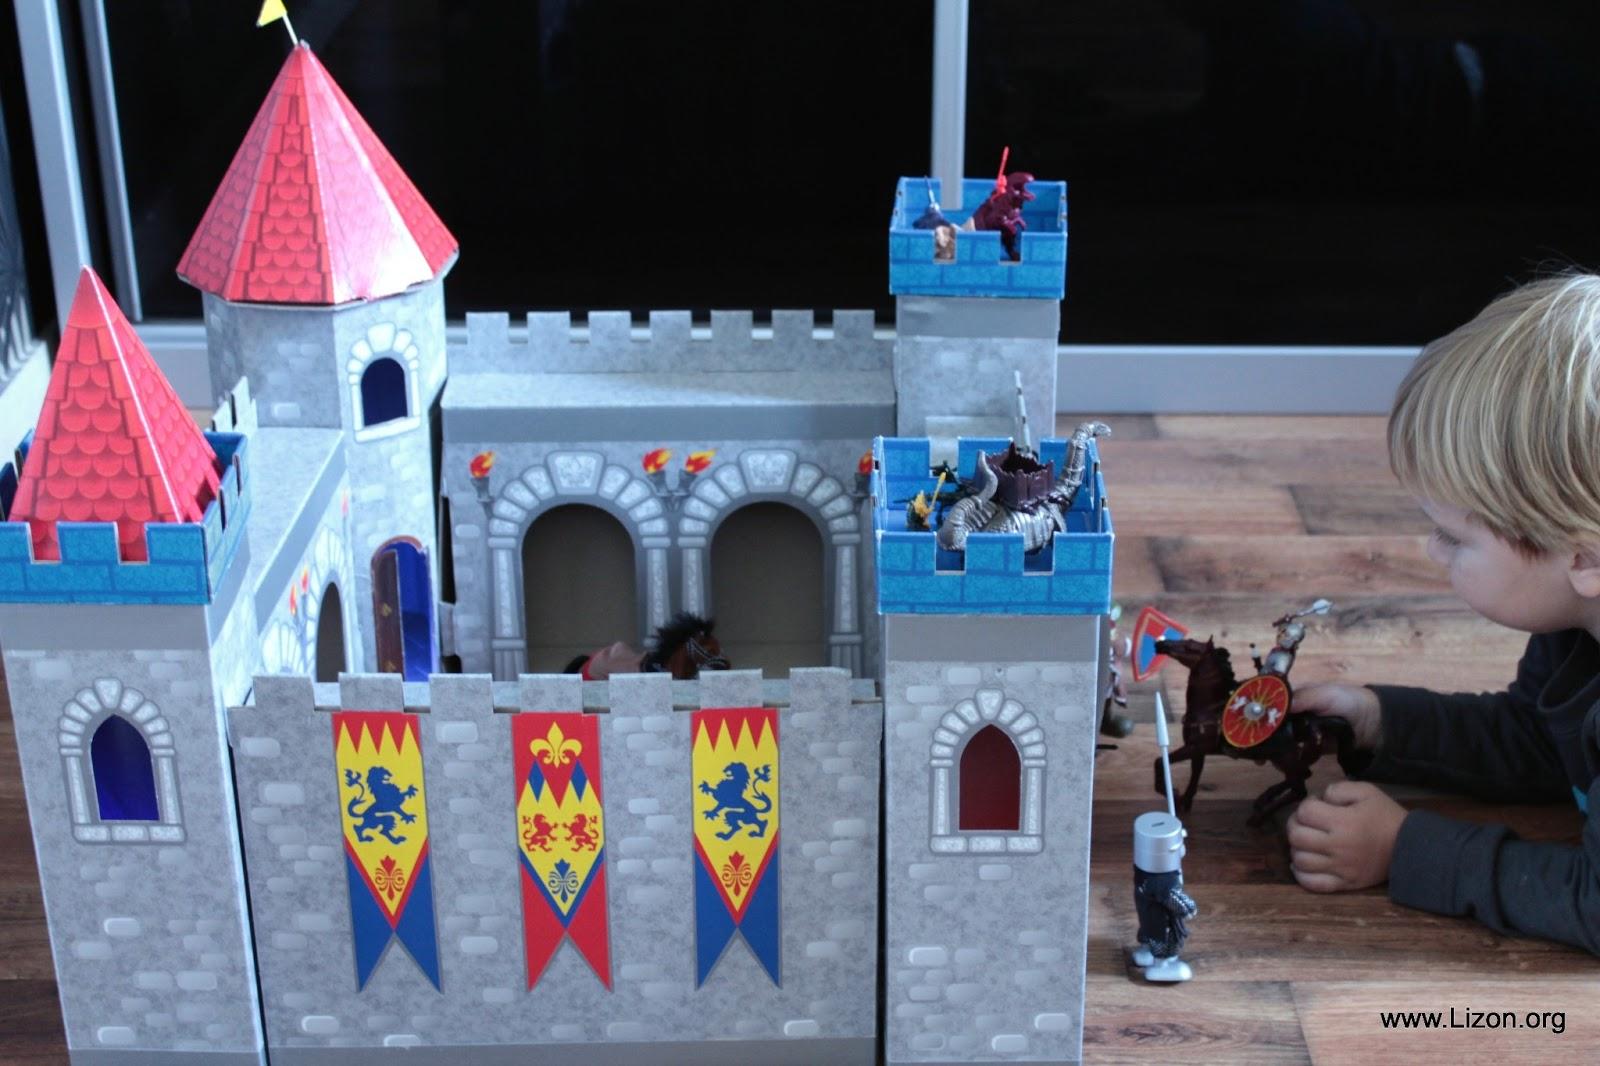 Замок для сада своими руками. Мастер-класс - Урожайная дача 91